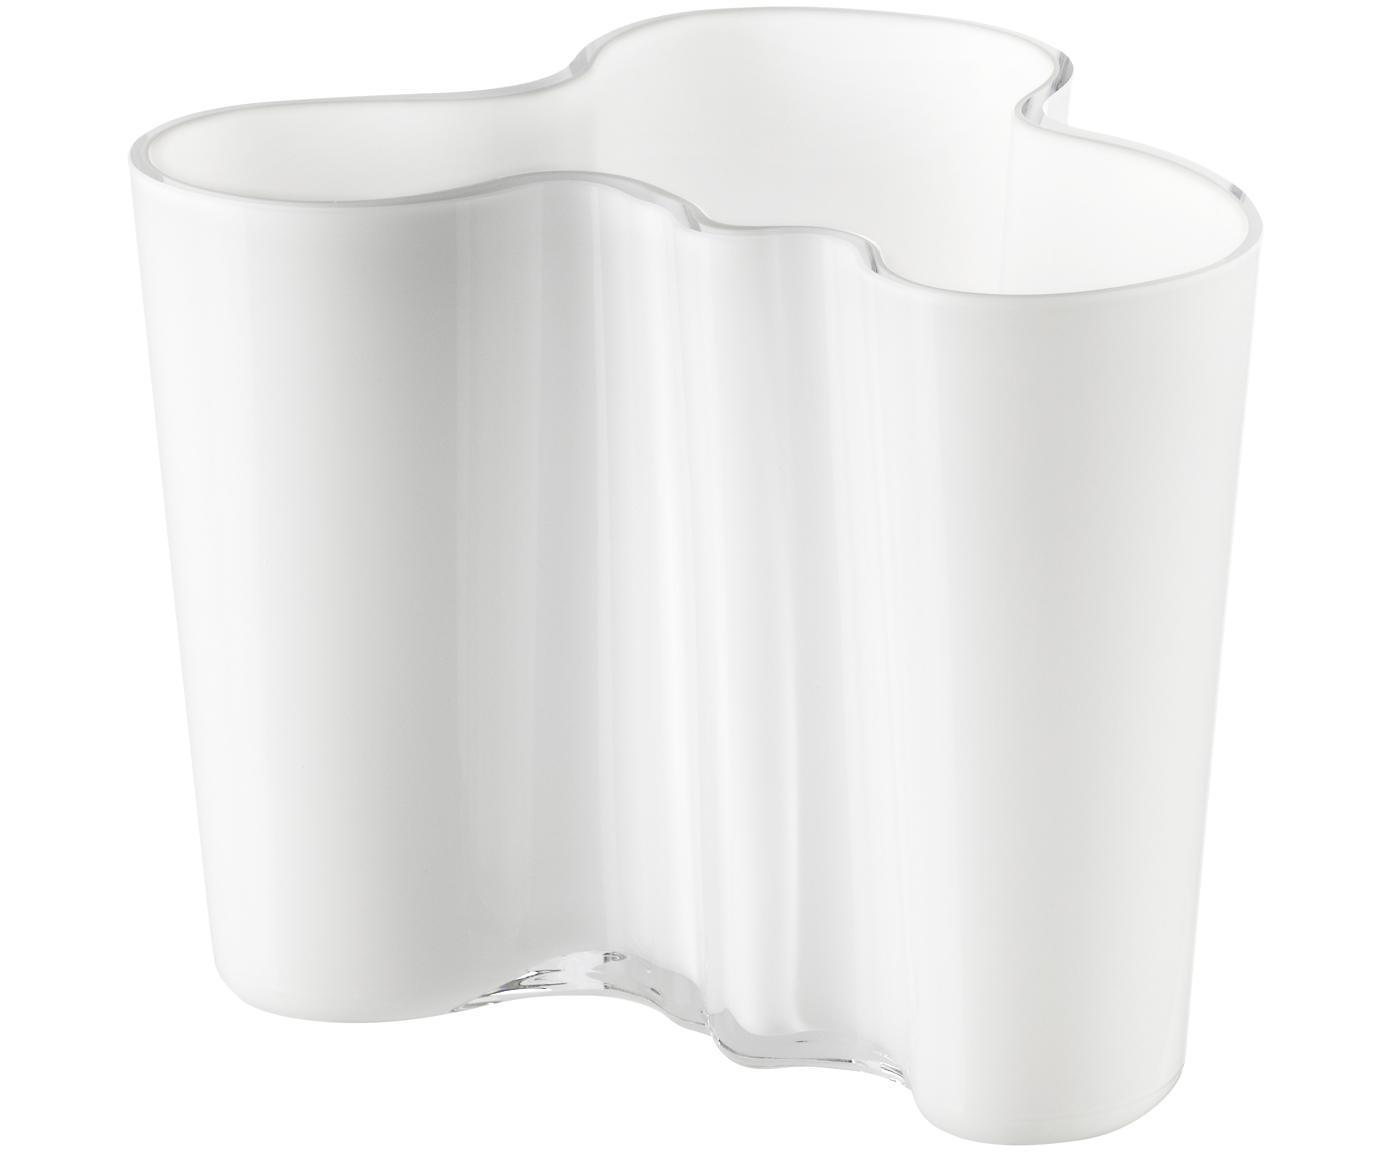 Kleine Design-Vase Alvar Aalto, Glas, Weiß, H 12 cm